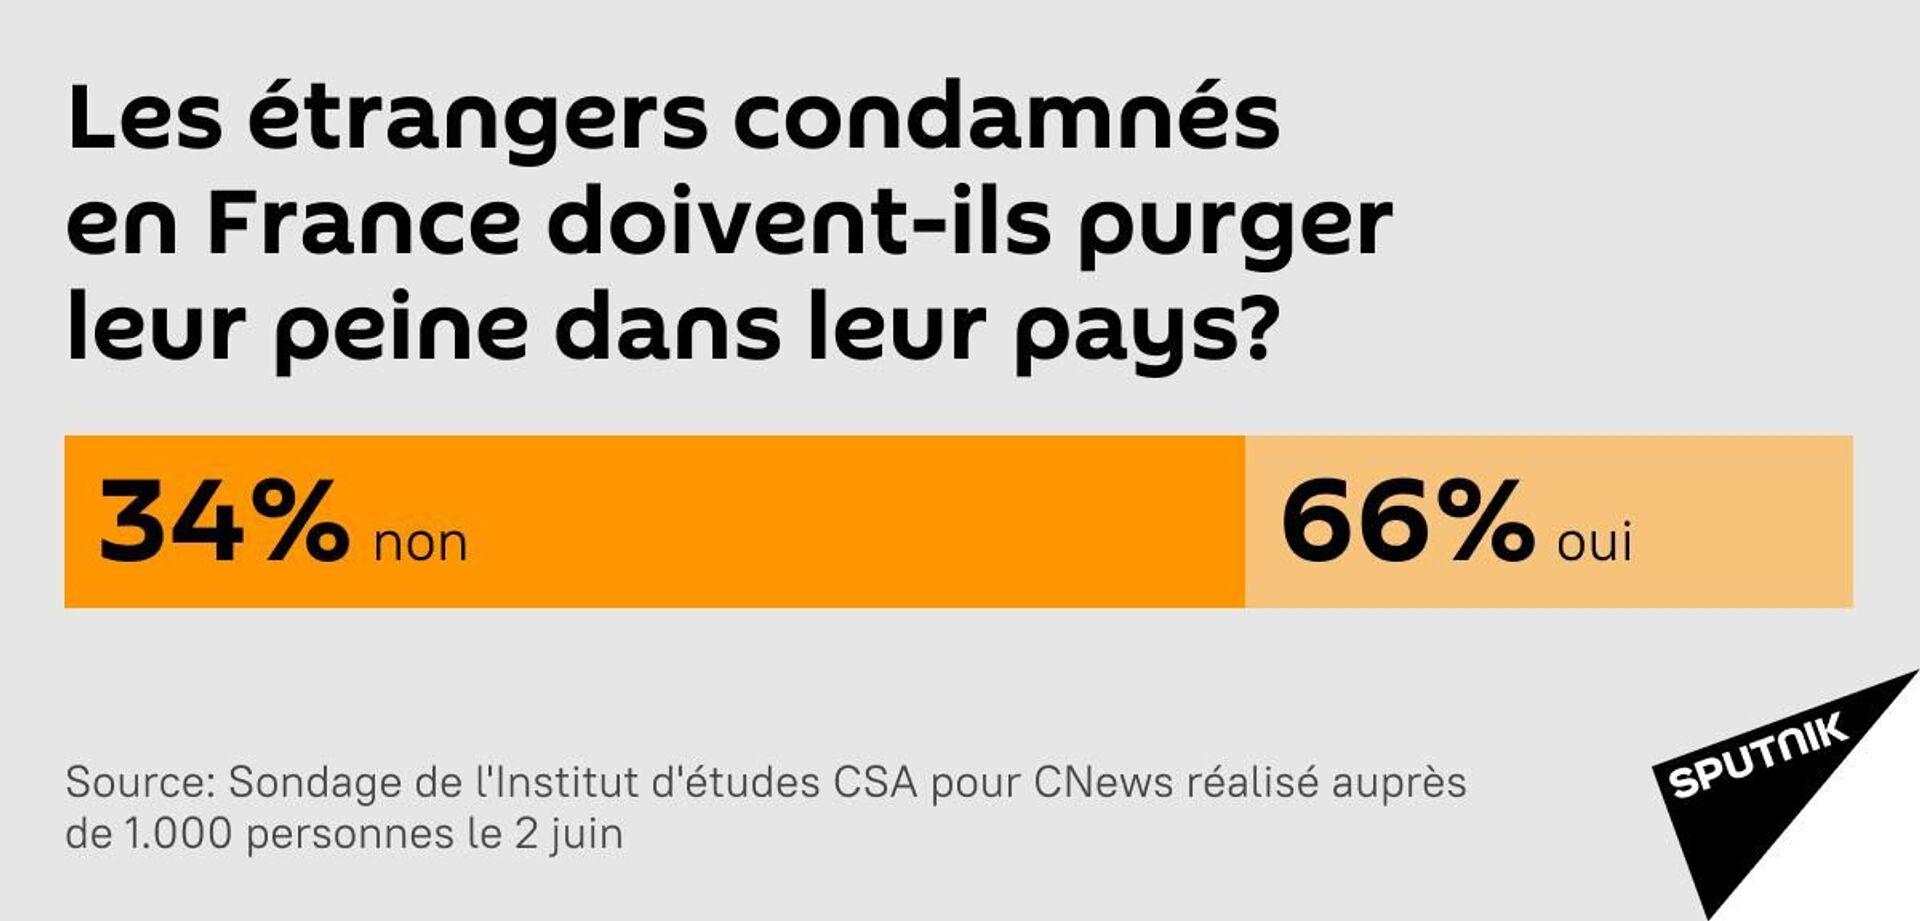 Près de 66% des Français veulent voir les étrangers condamnés en France purger leur peine dans leur pays - Sputnik France, 1920, 04.06.2021